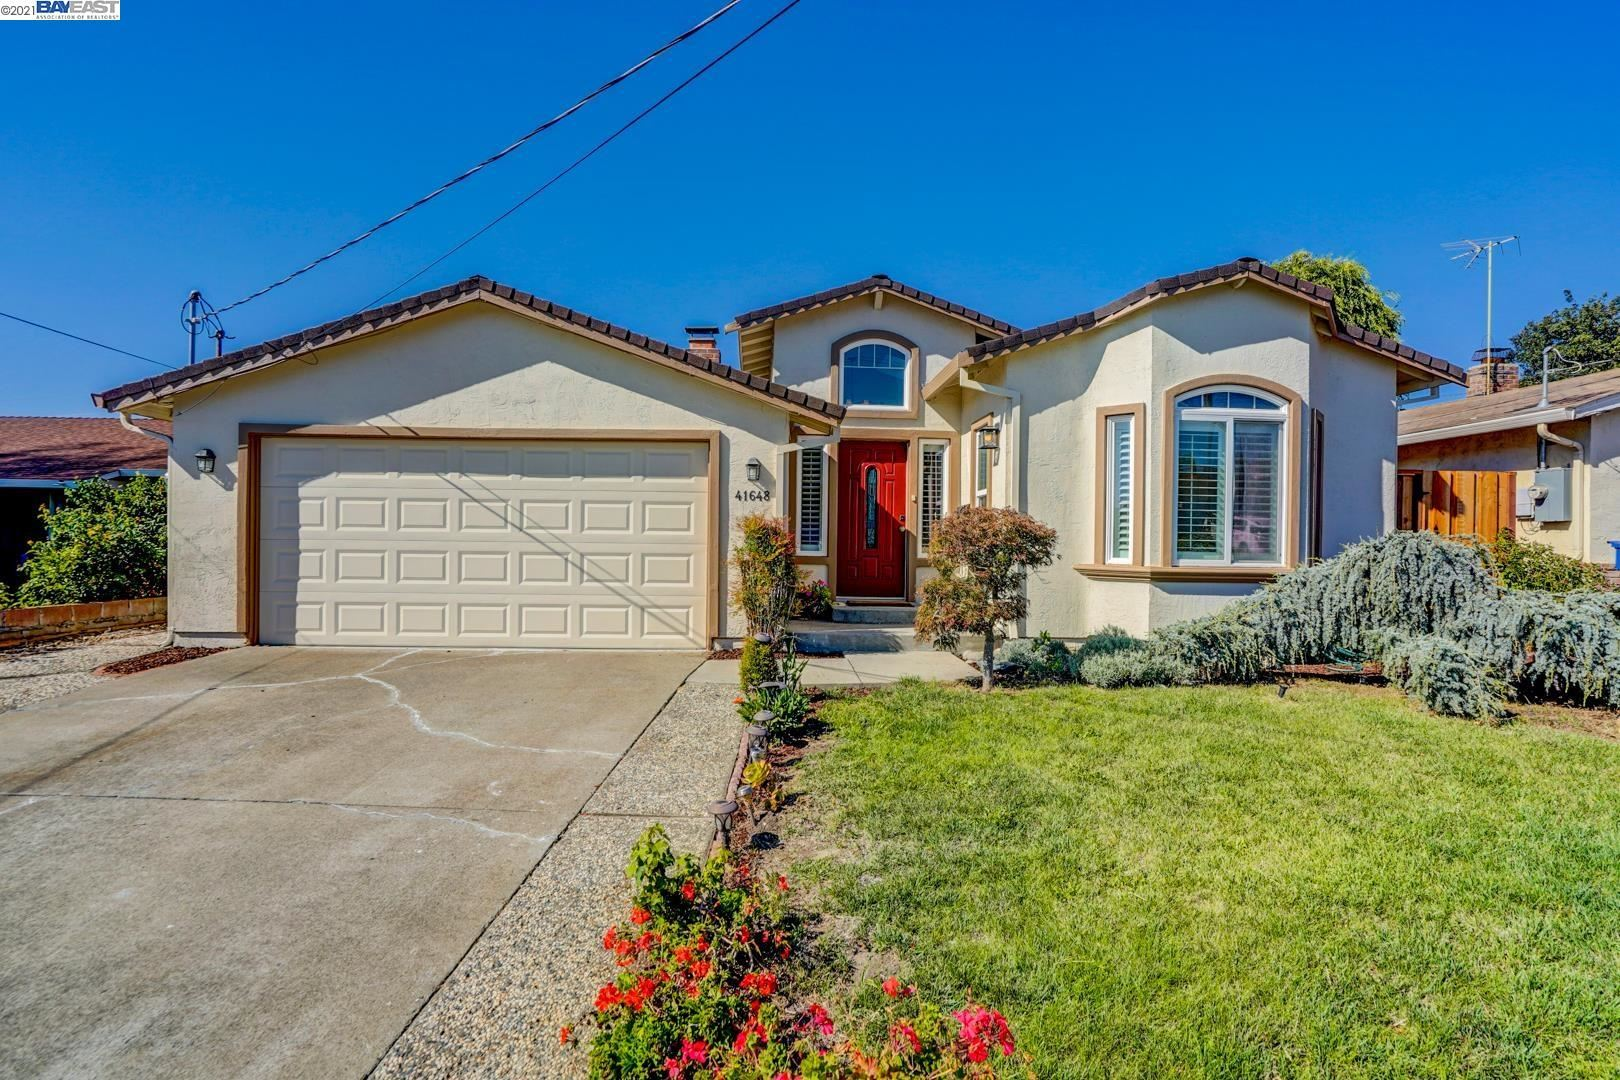 41648 Joyce Ave, Fremont, CA 94539 - #: 40964529